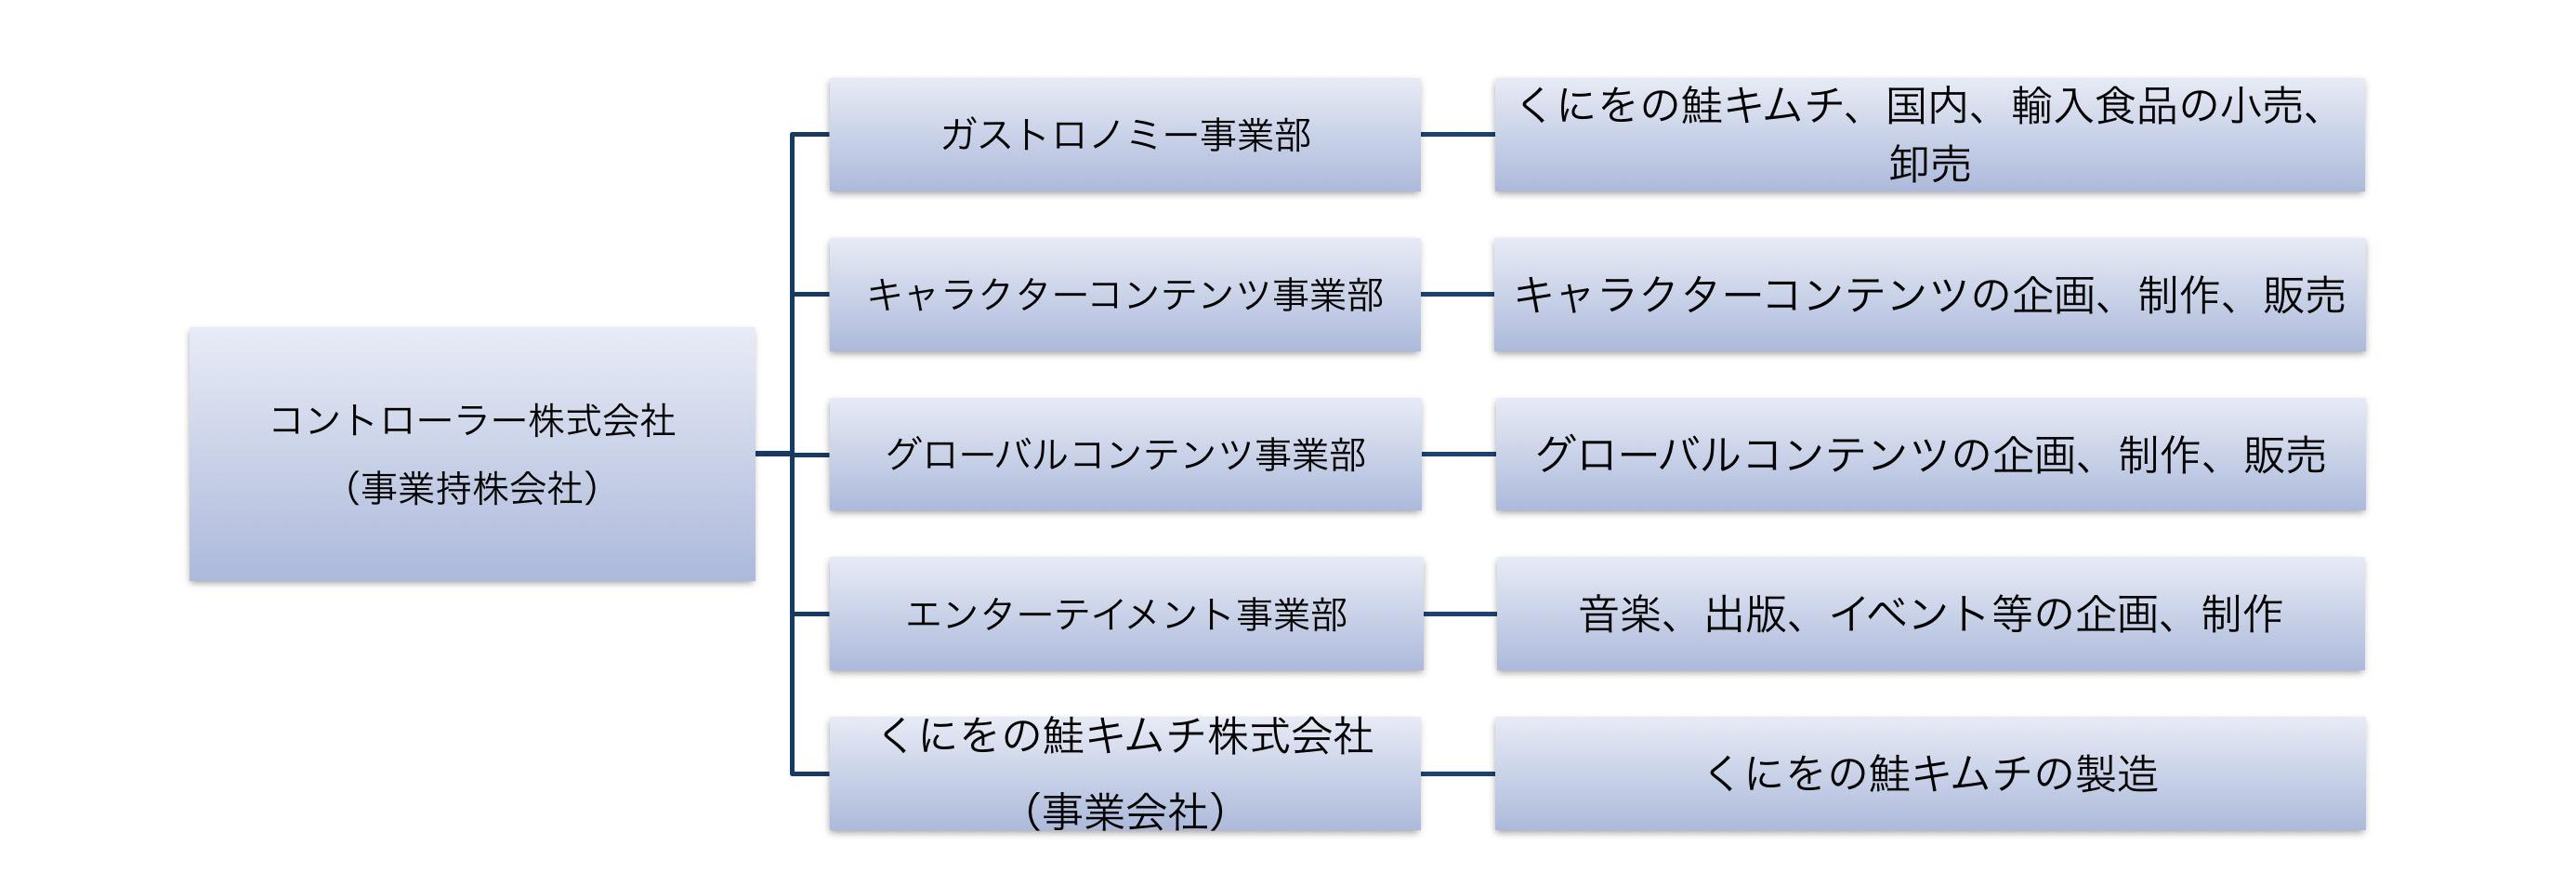 コントローラー株式会社 組織図